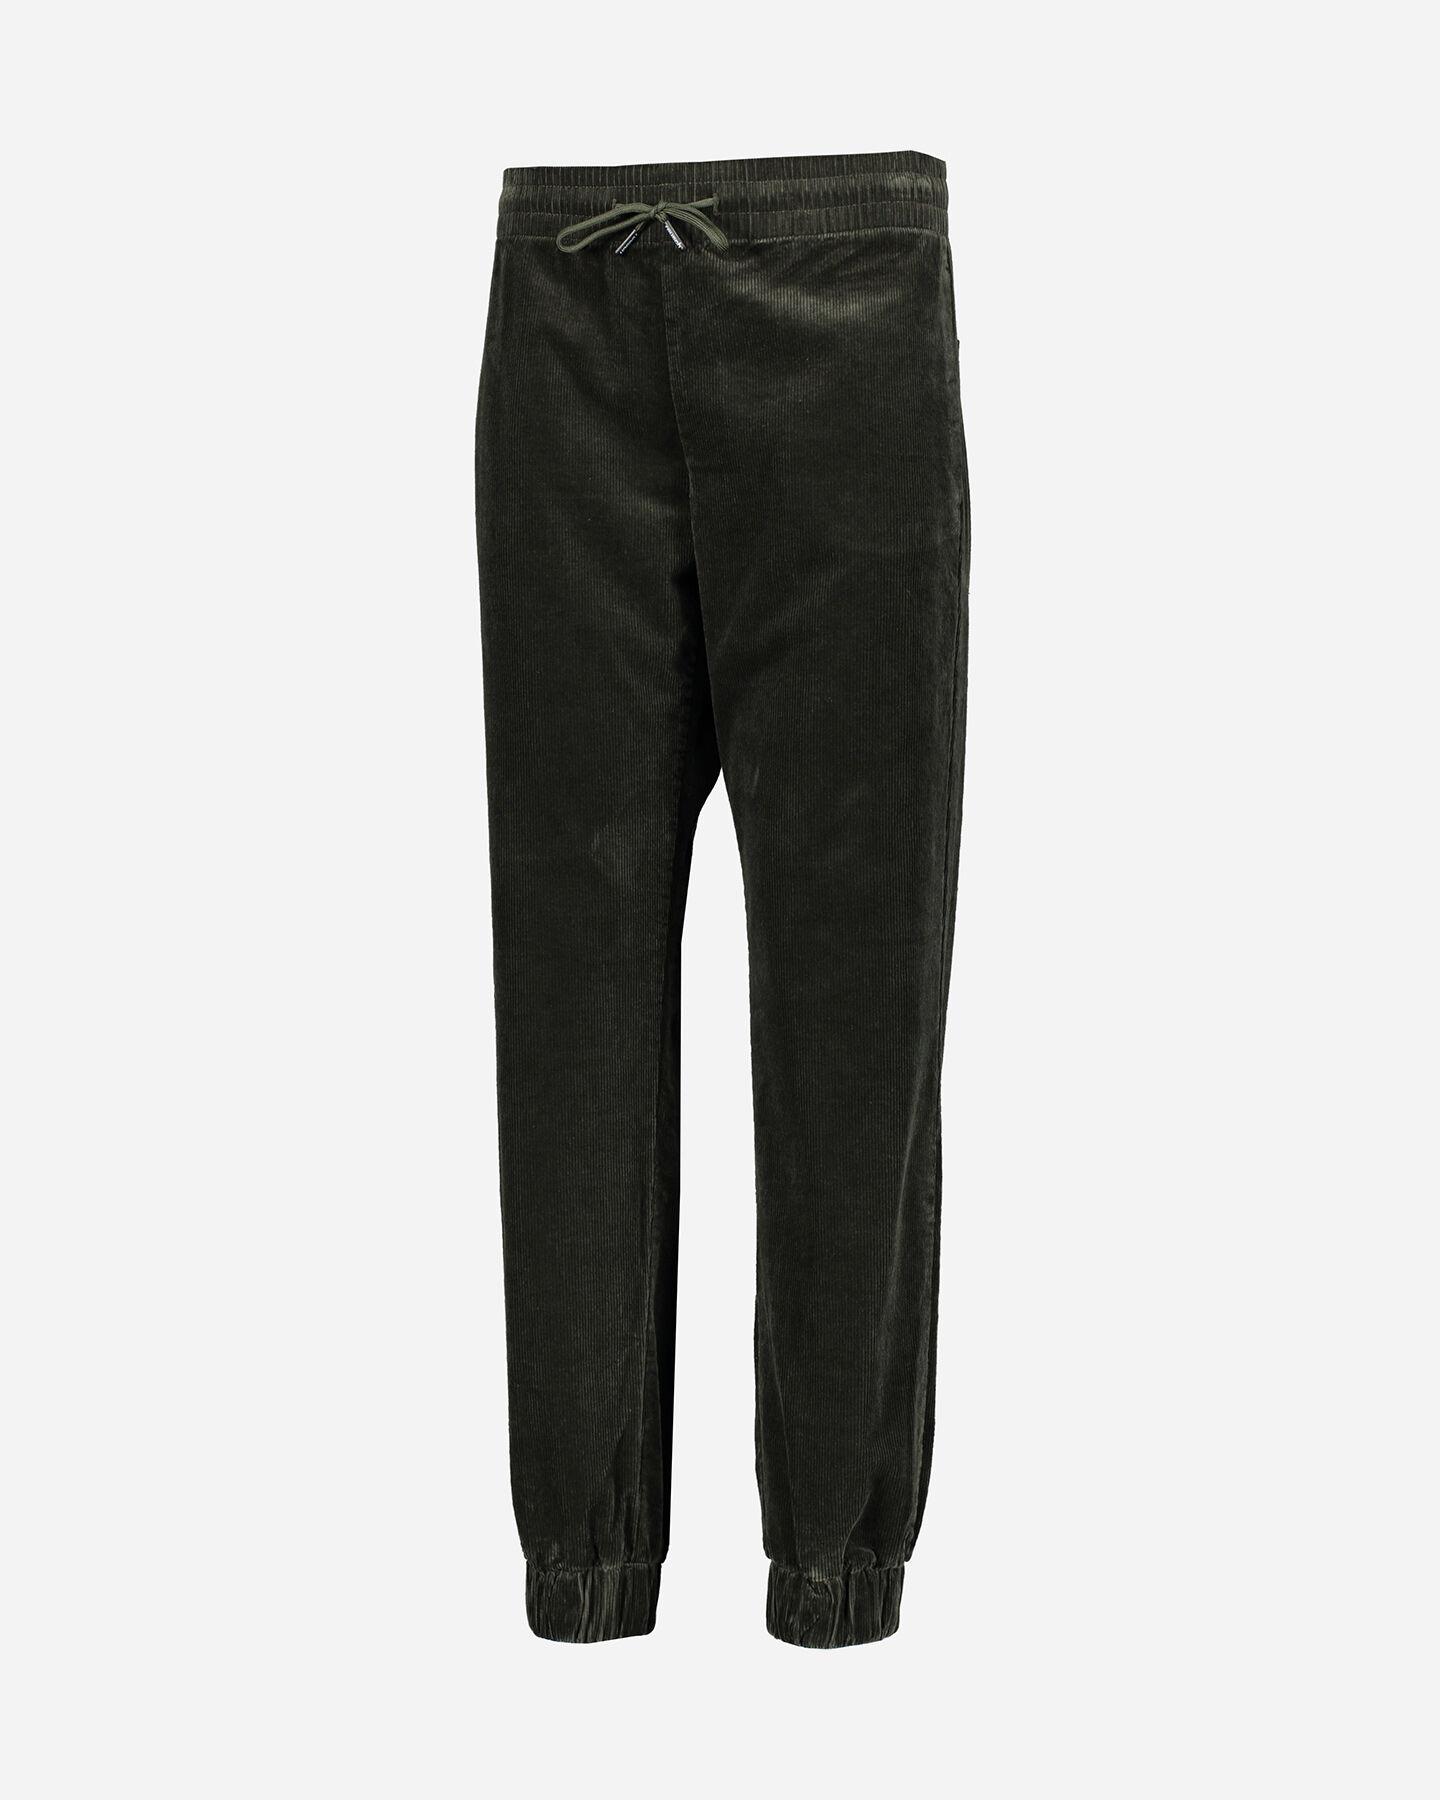 Pantalone outdoor REUSCH VELVET W S4081947 scatto 0